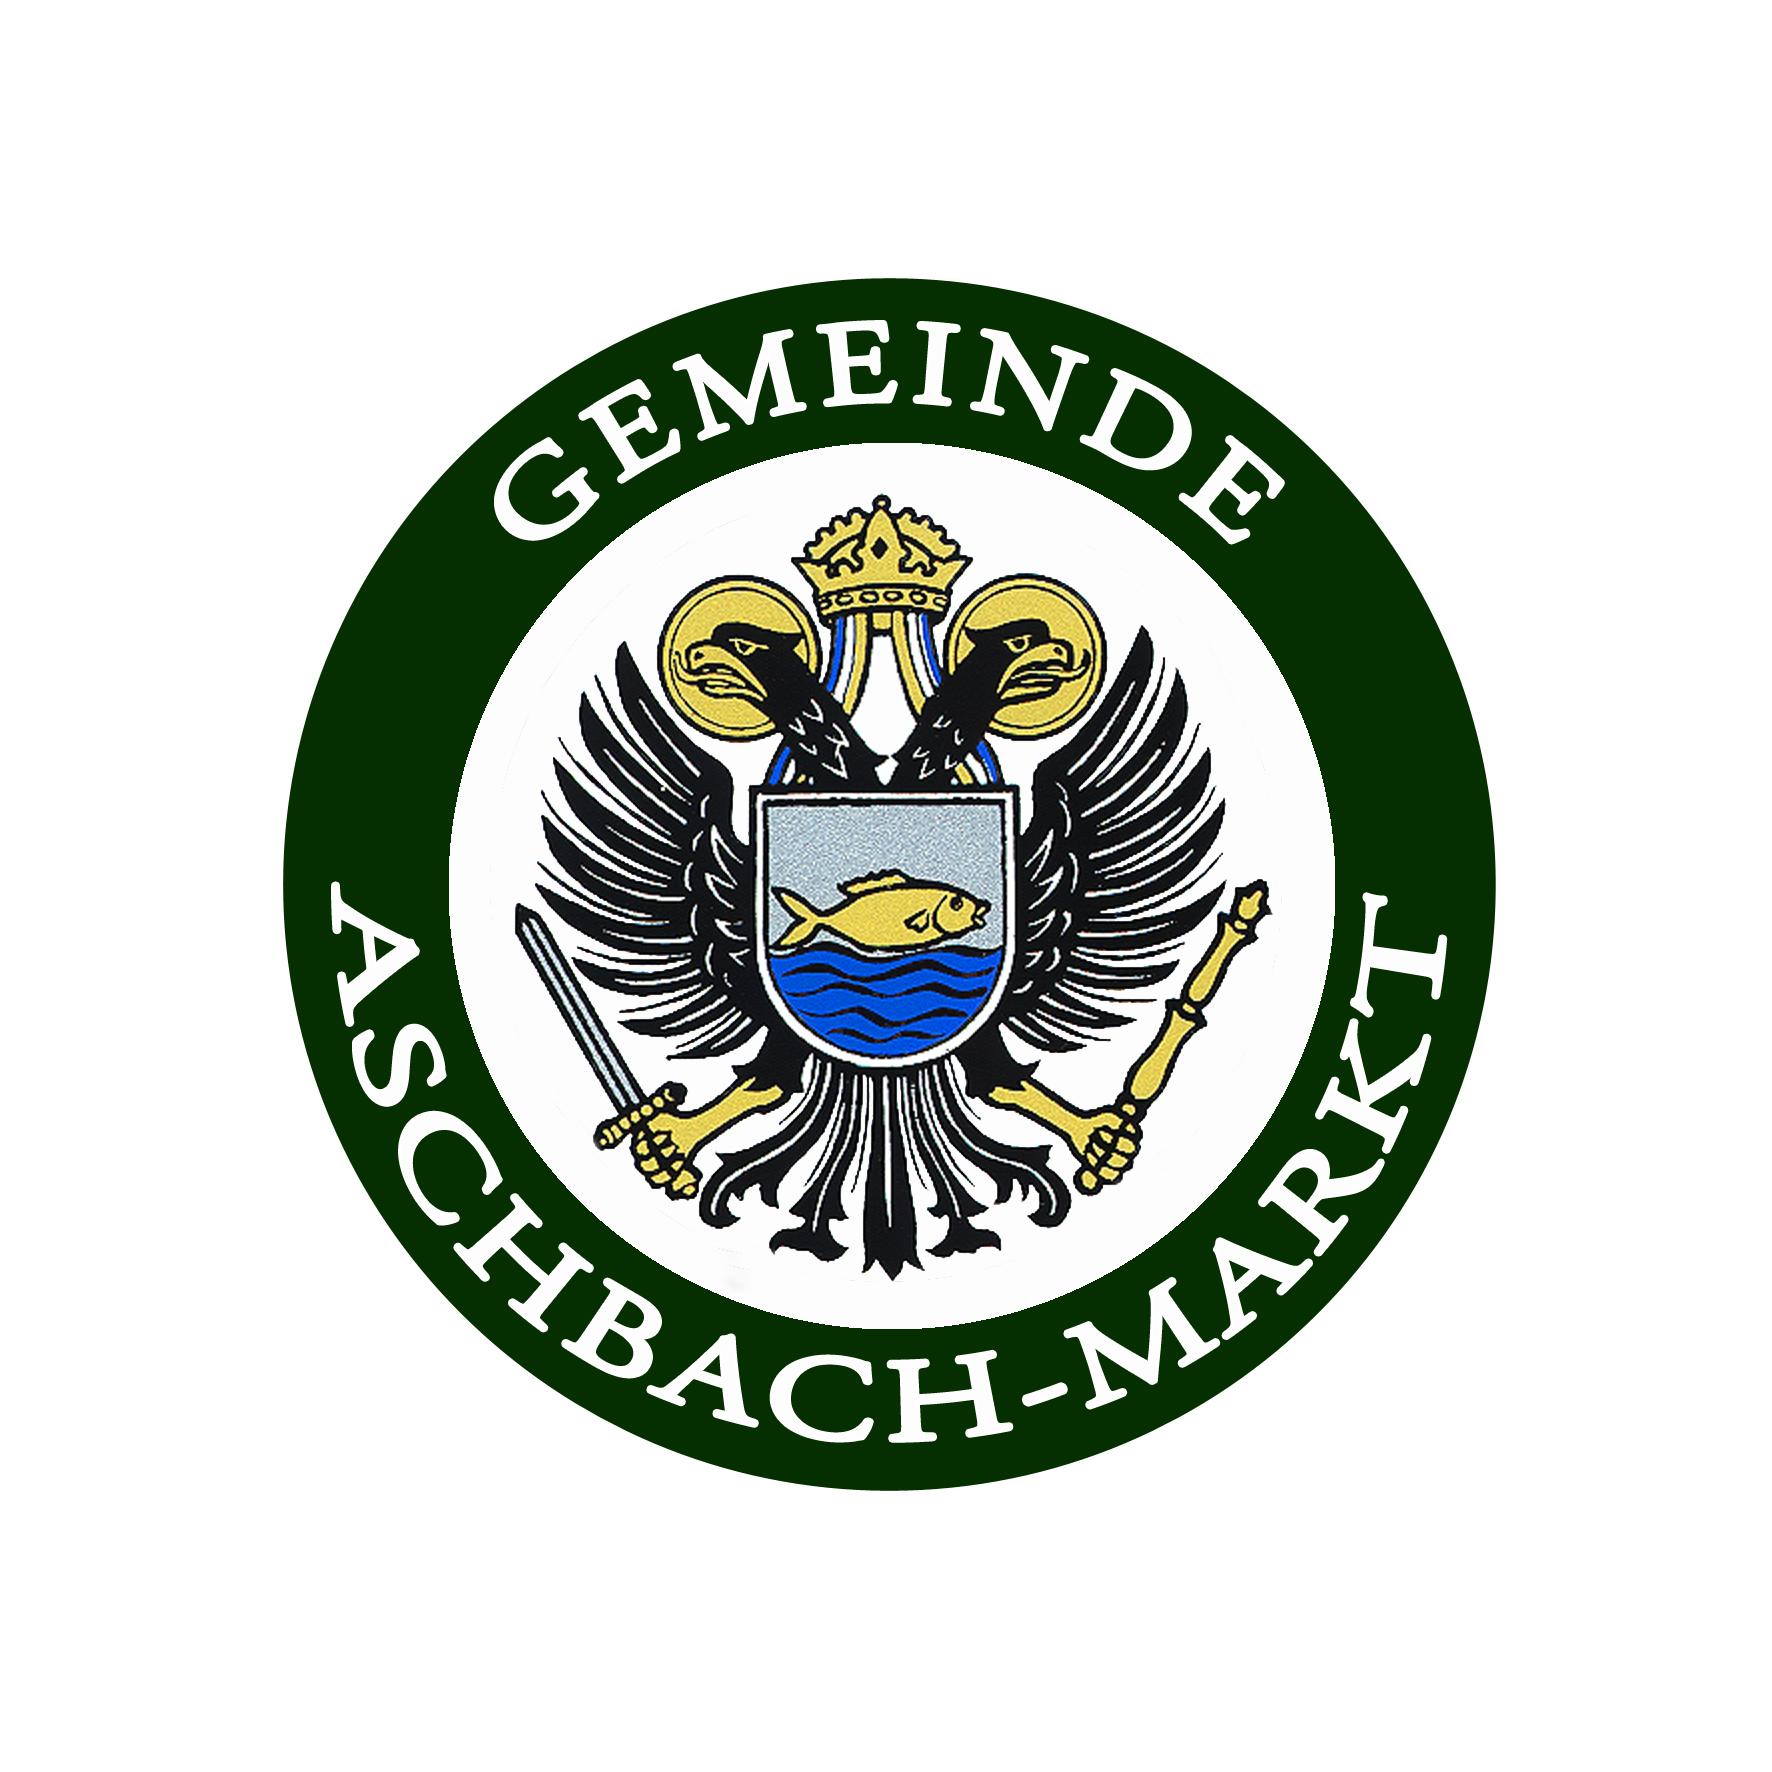 GemeindemAschbach